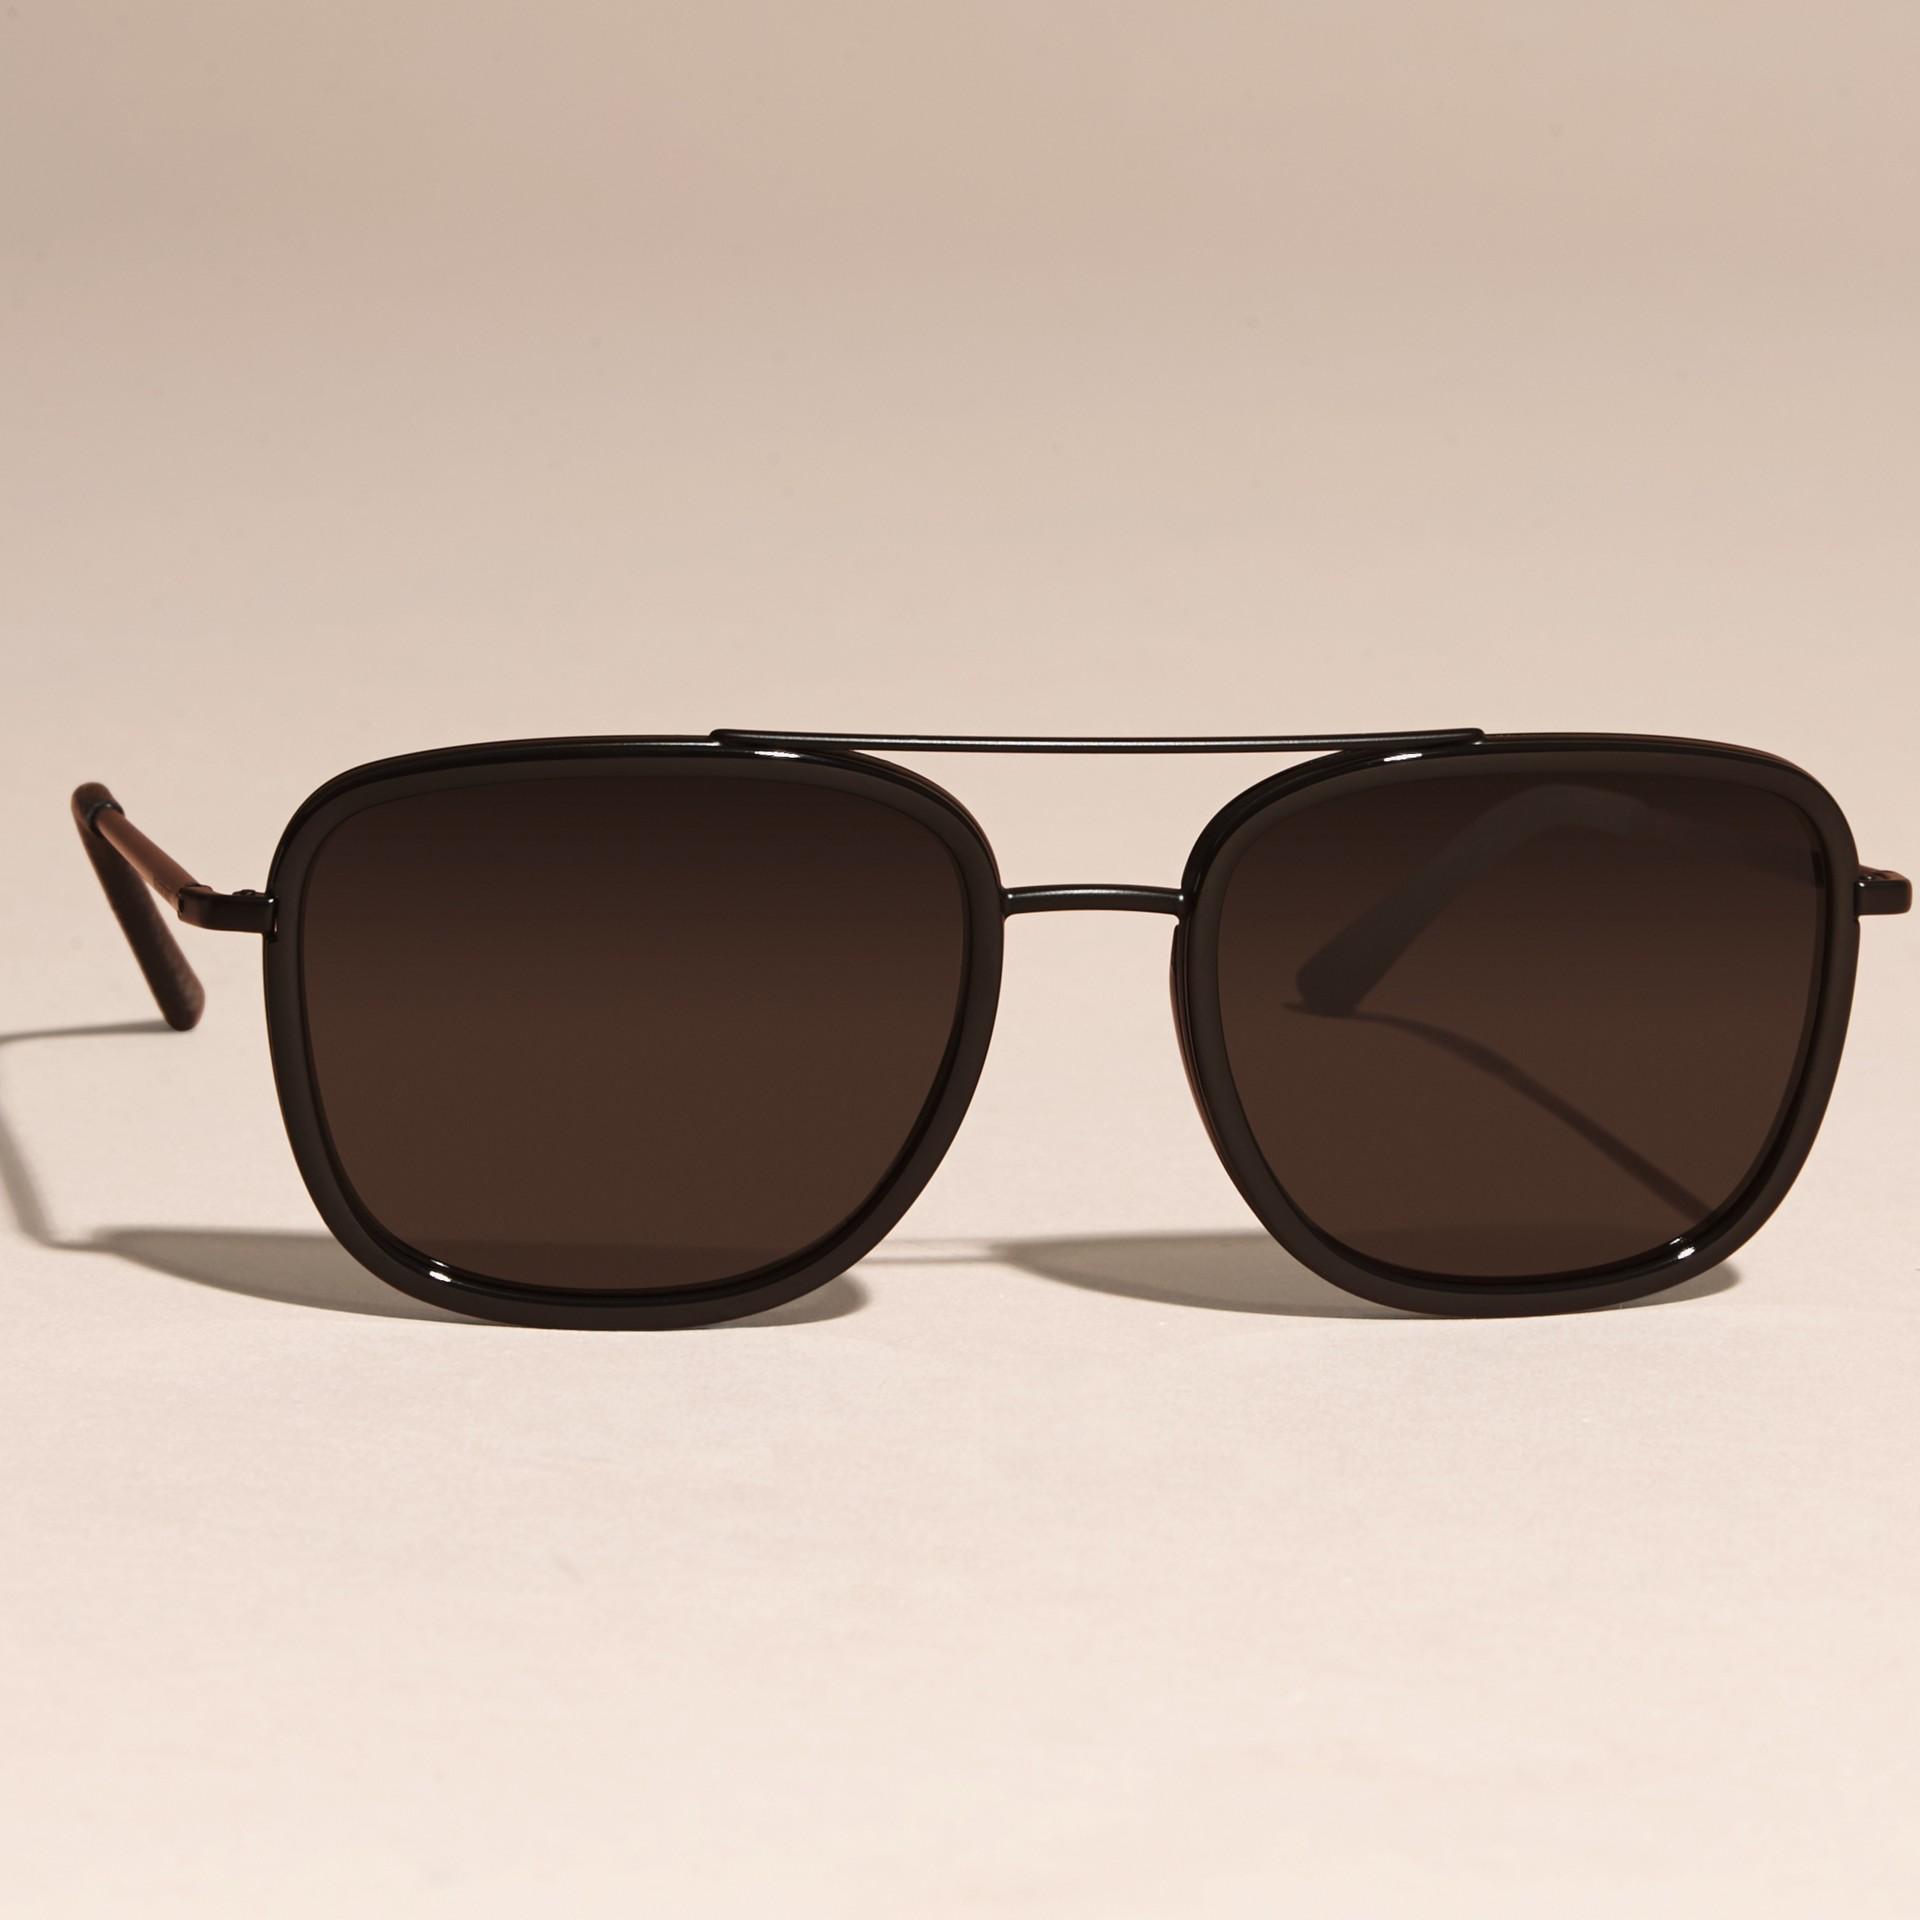 Nero Occhiali da sole con montatura squadrata in acetato e pelle Nero - immagine della galleria 3